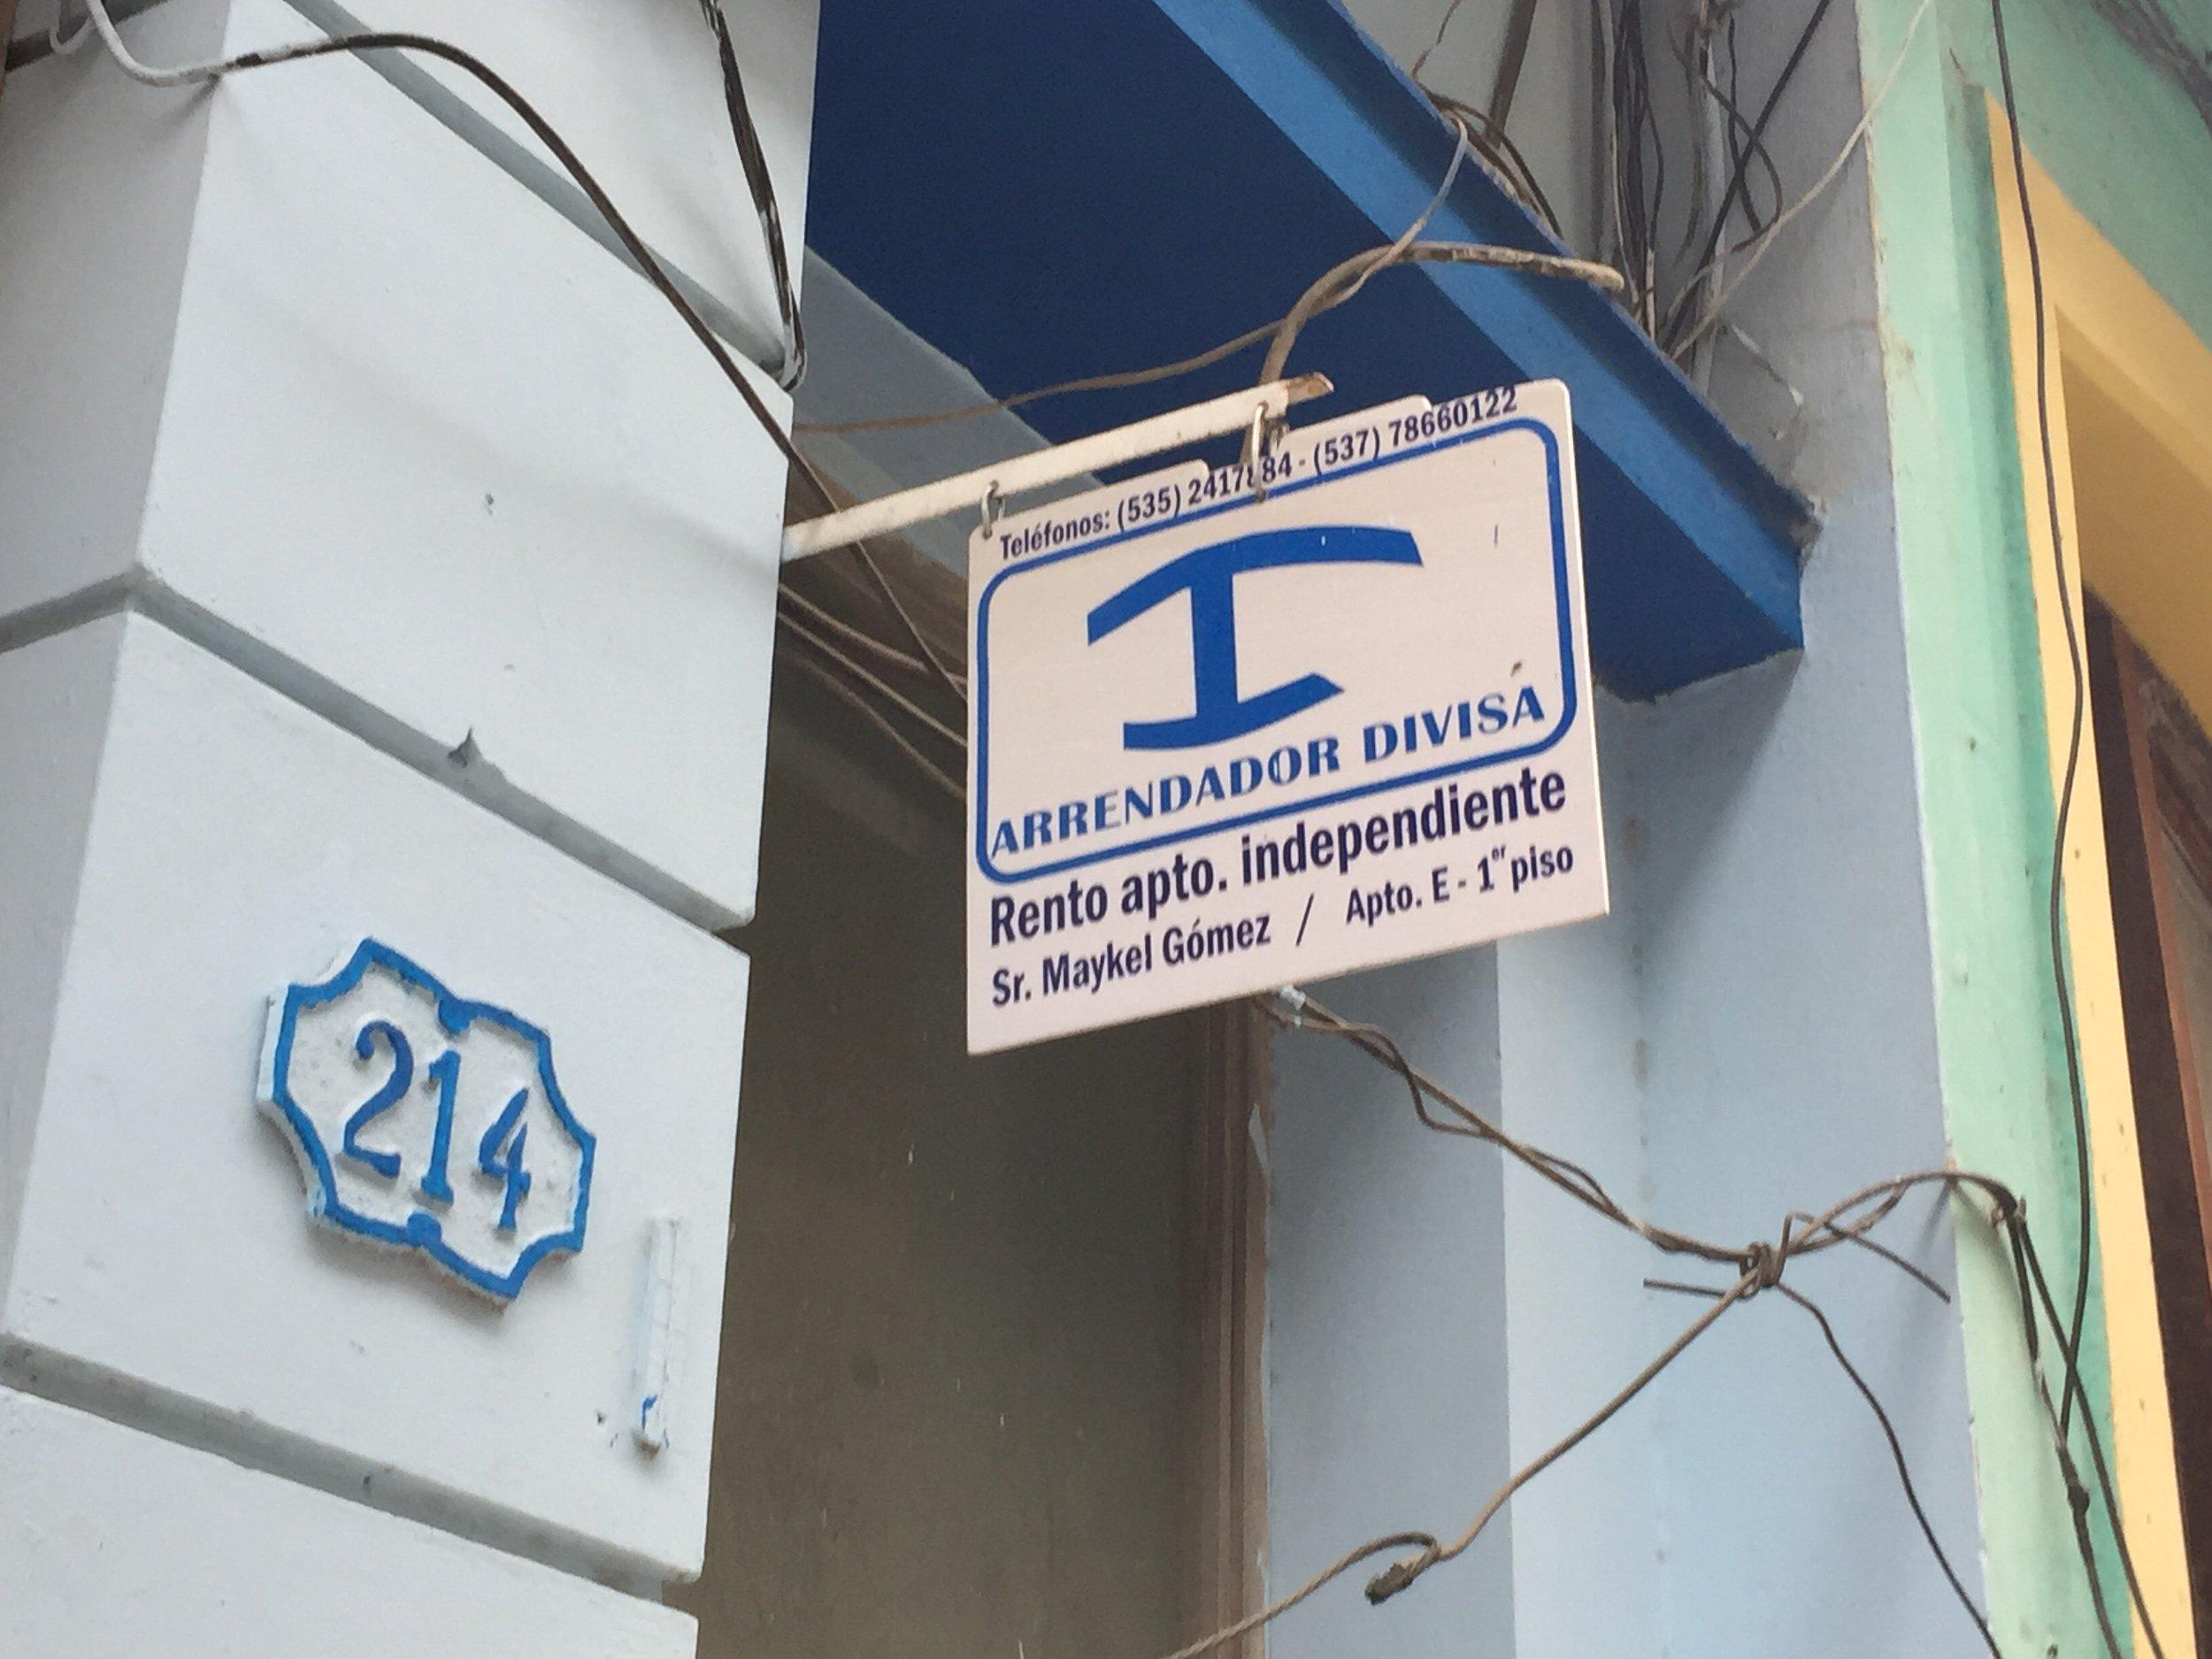 علامة توضع أما المنازل المخولة بغستضافة السياح